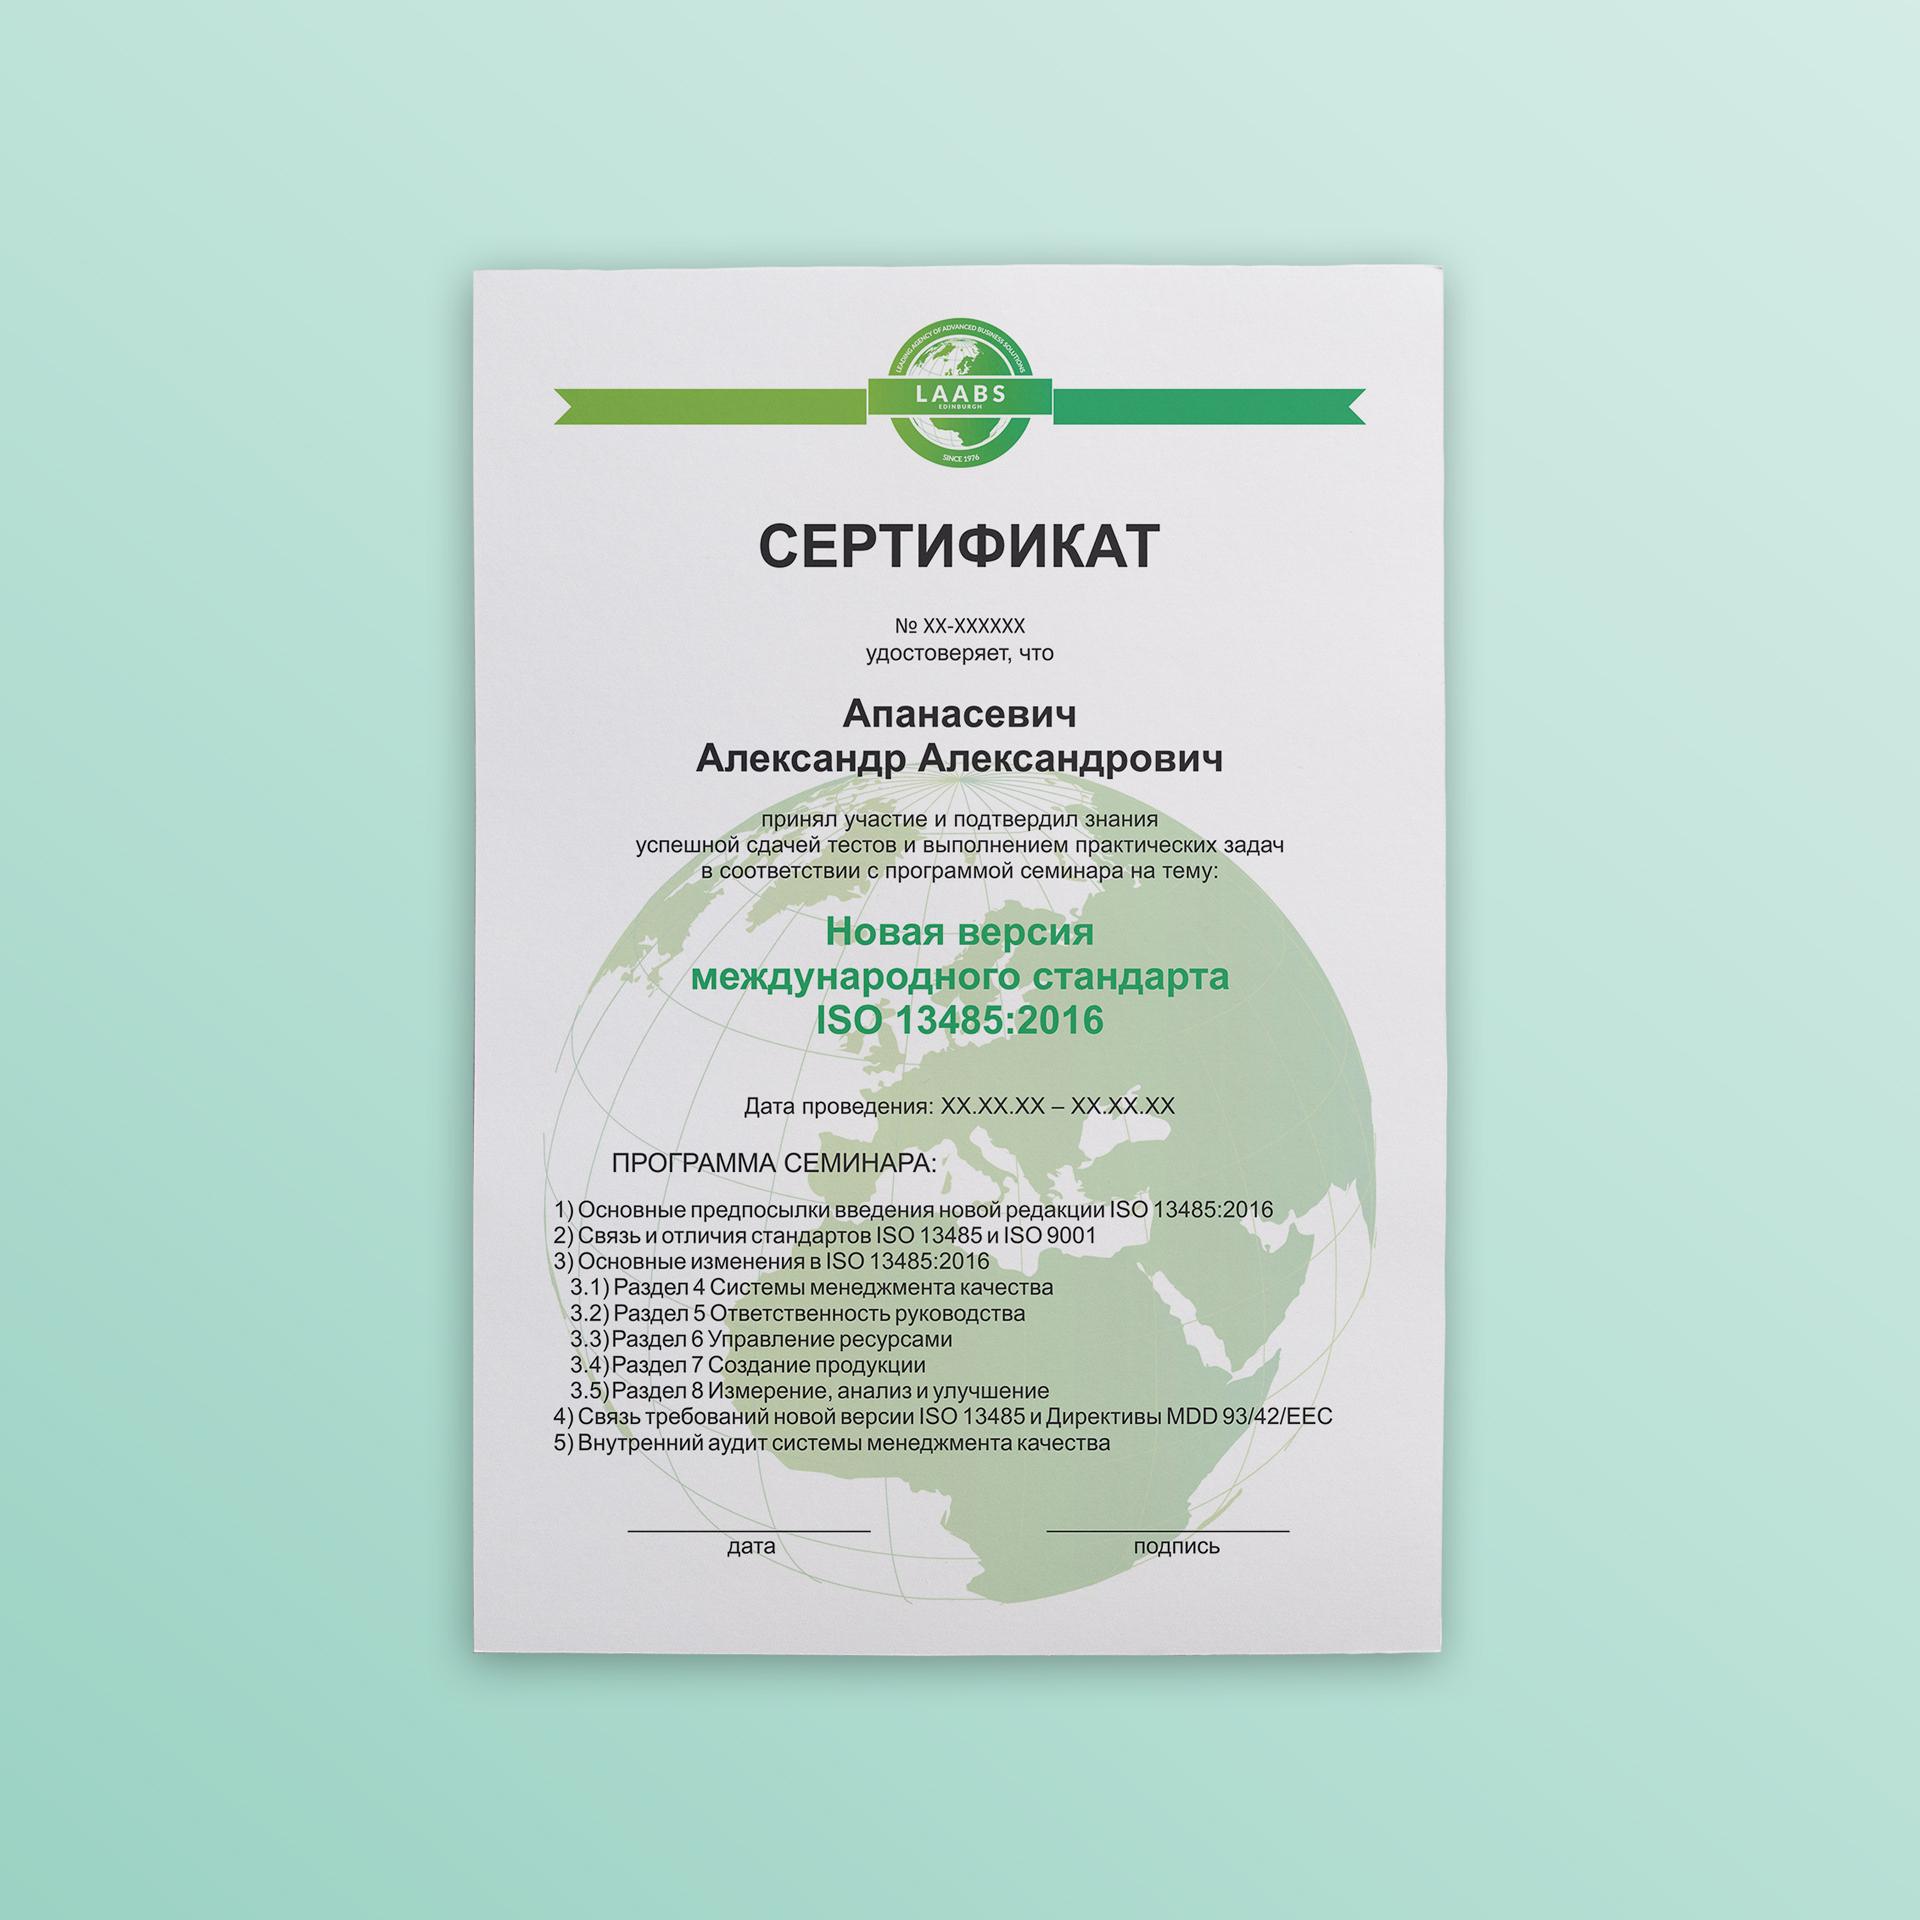 Необходимо разработать дизайн 3 сертификатов фото f_37258777403ab478.jpg